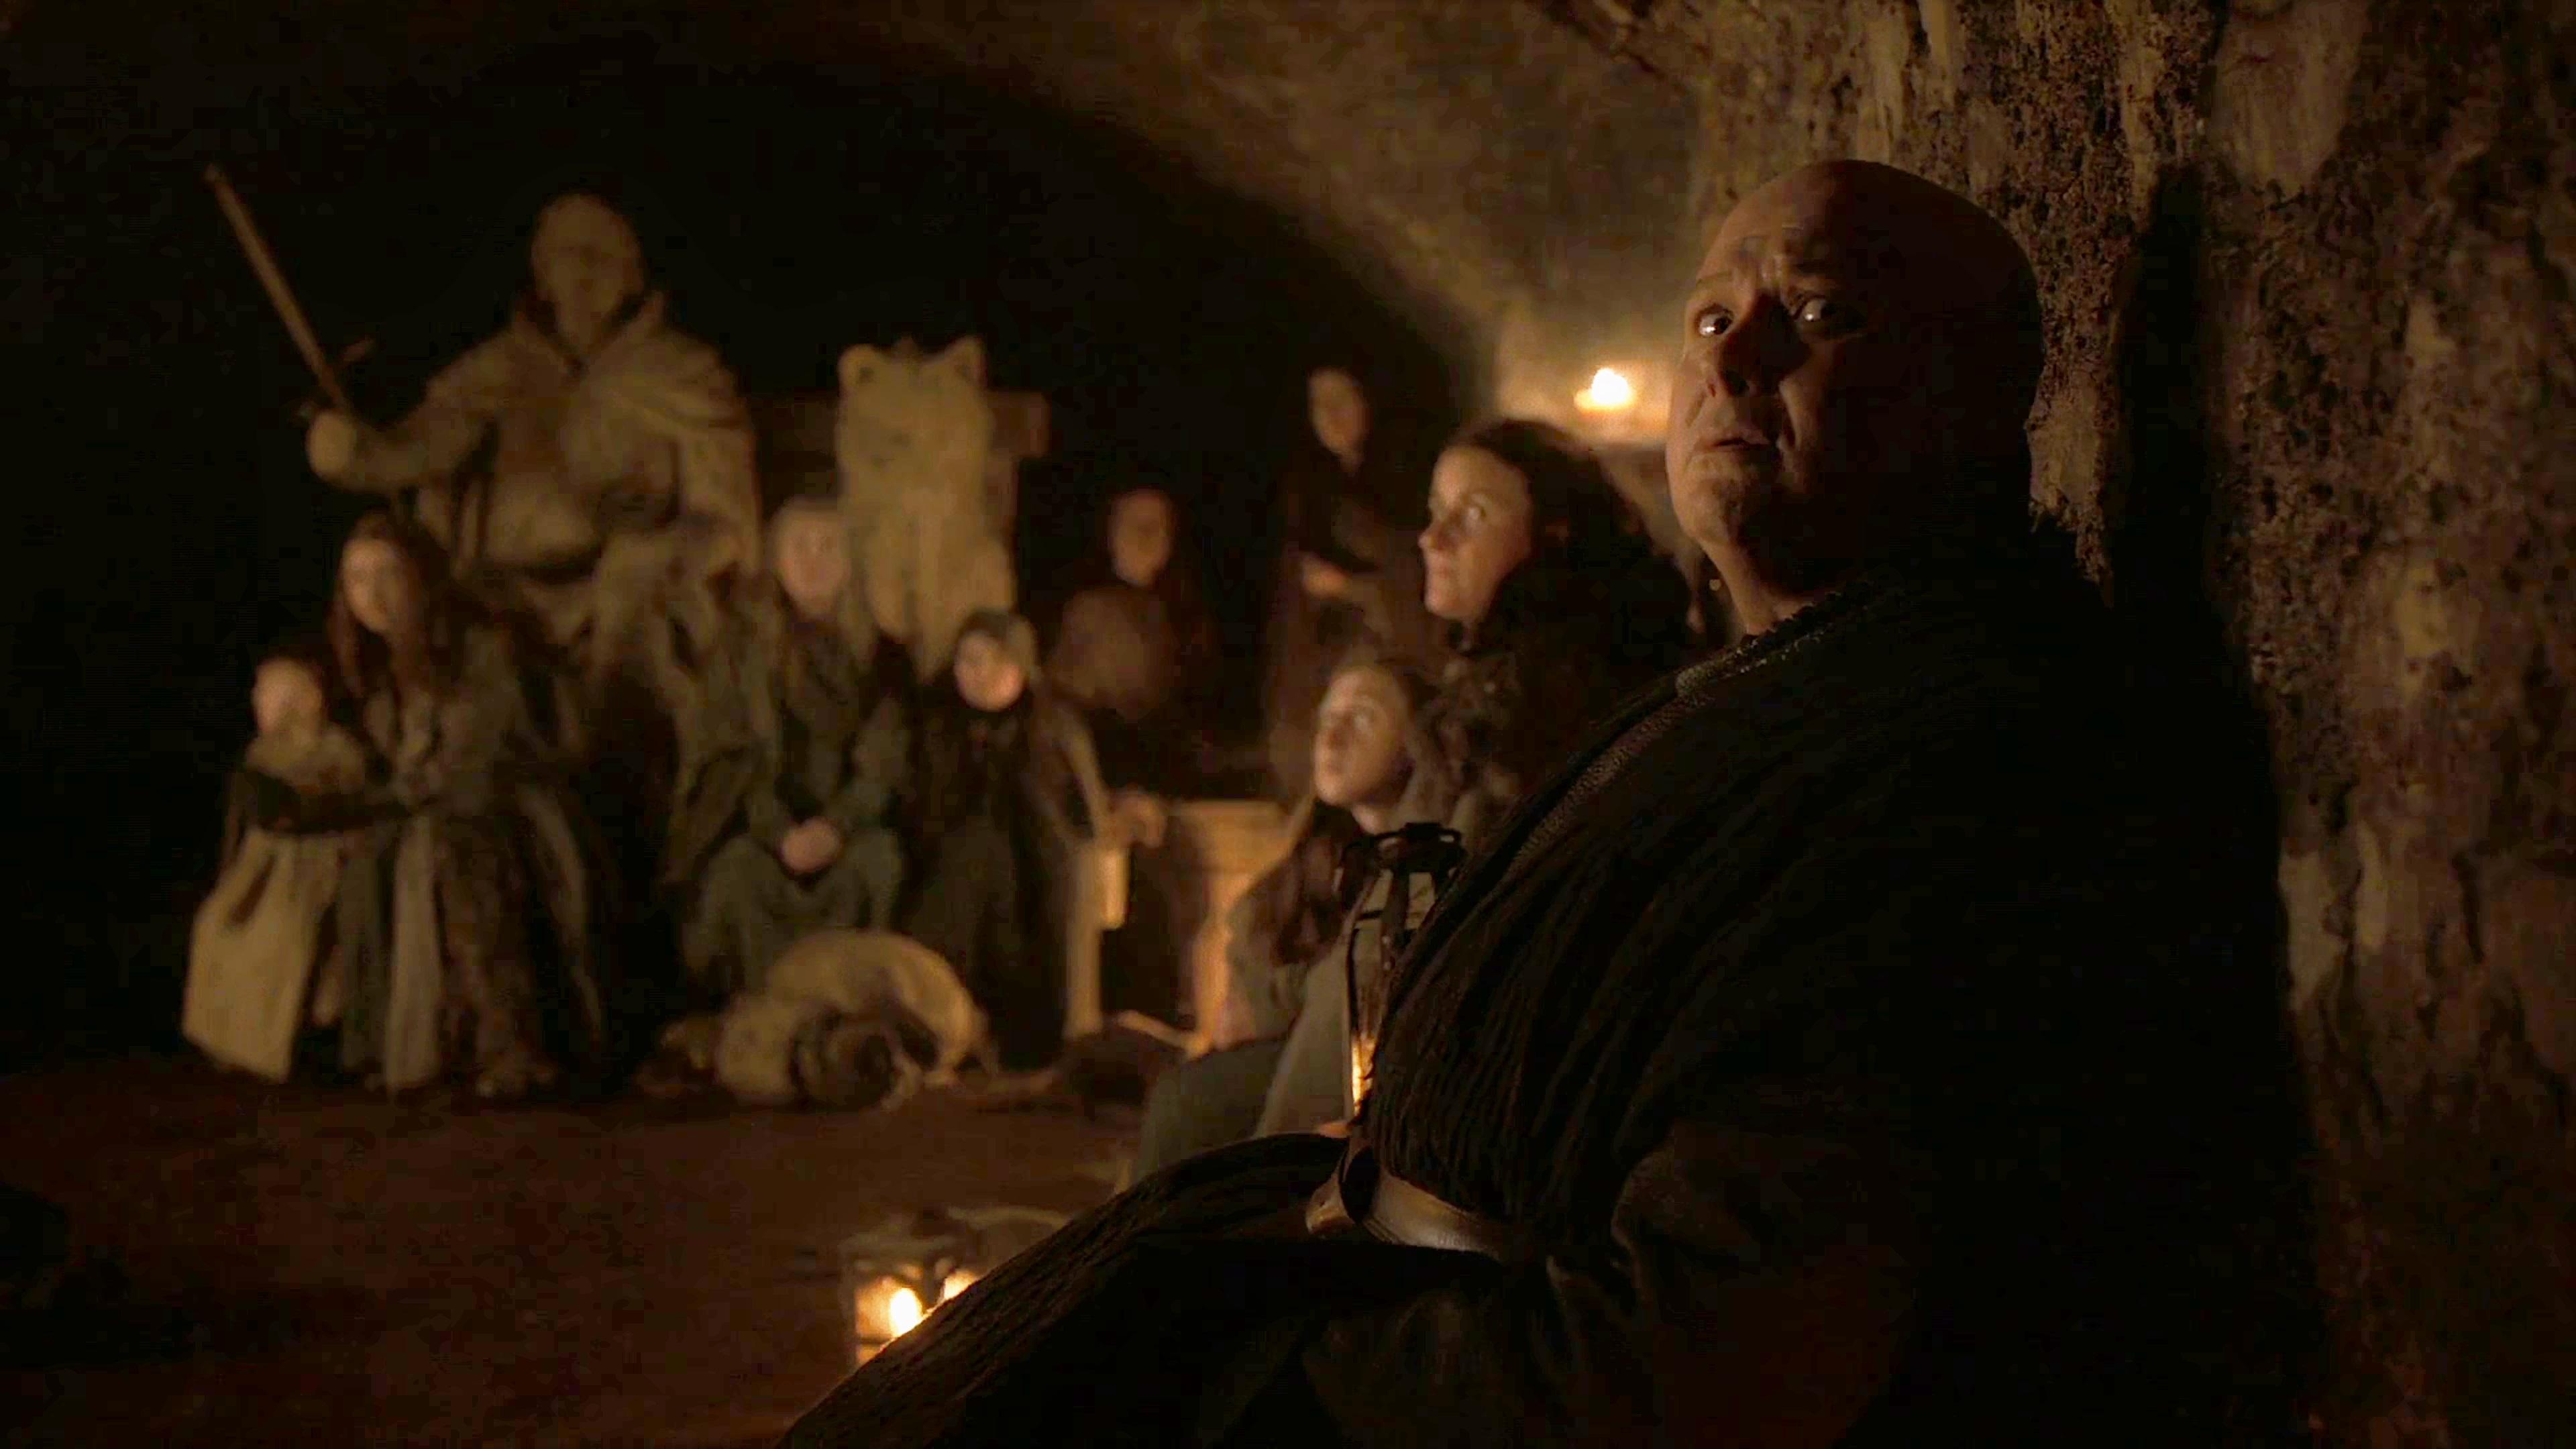 4. Season 8 Trailer Varys Gilly Little Sam